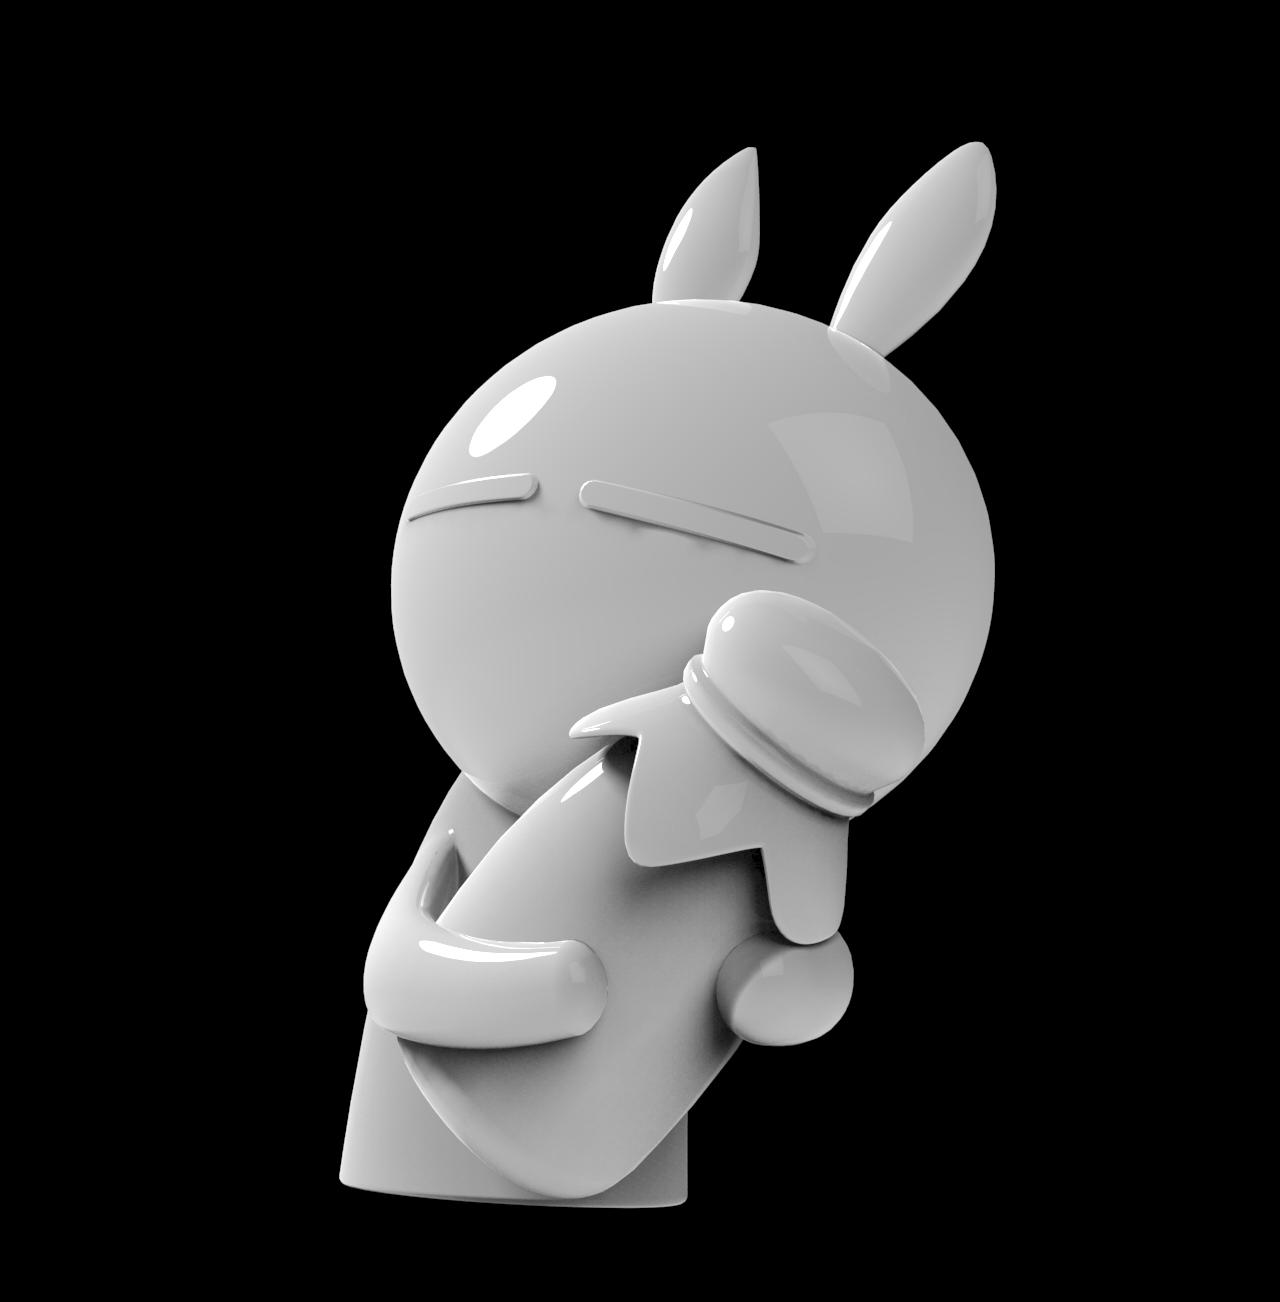 兔斯基玩偶